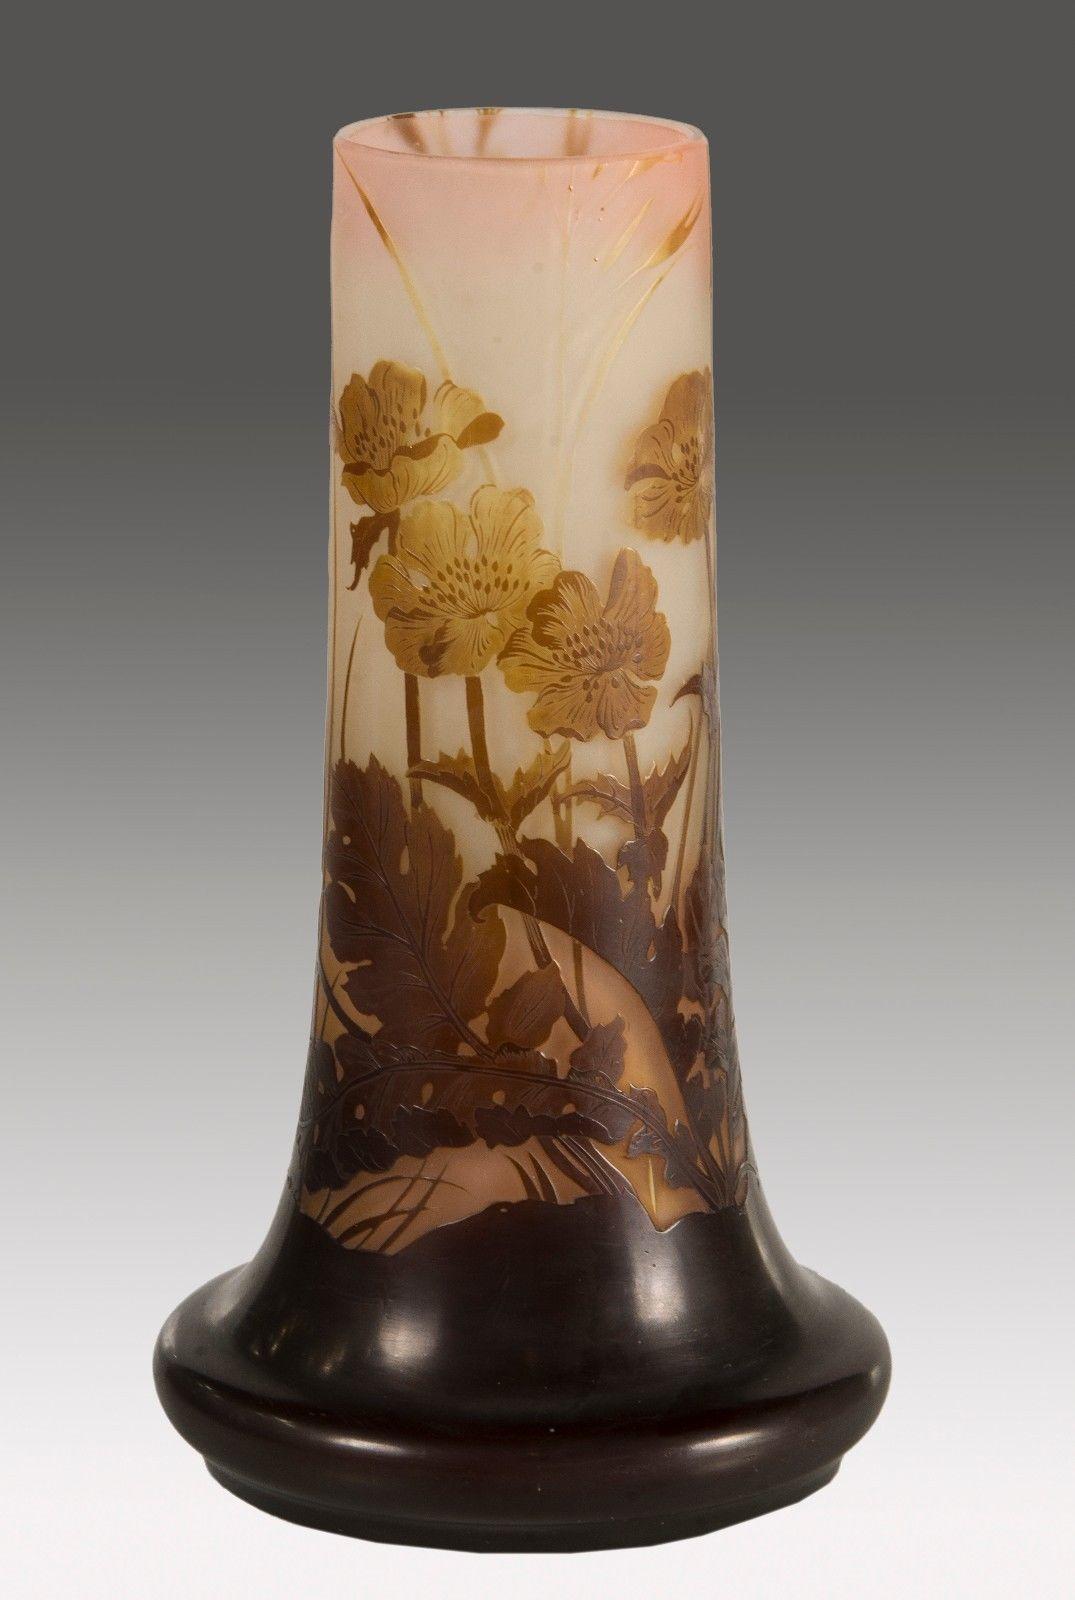 エミールガレ作 植物文様の花瓶